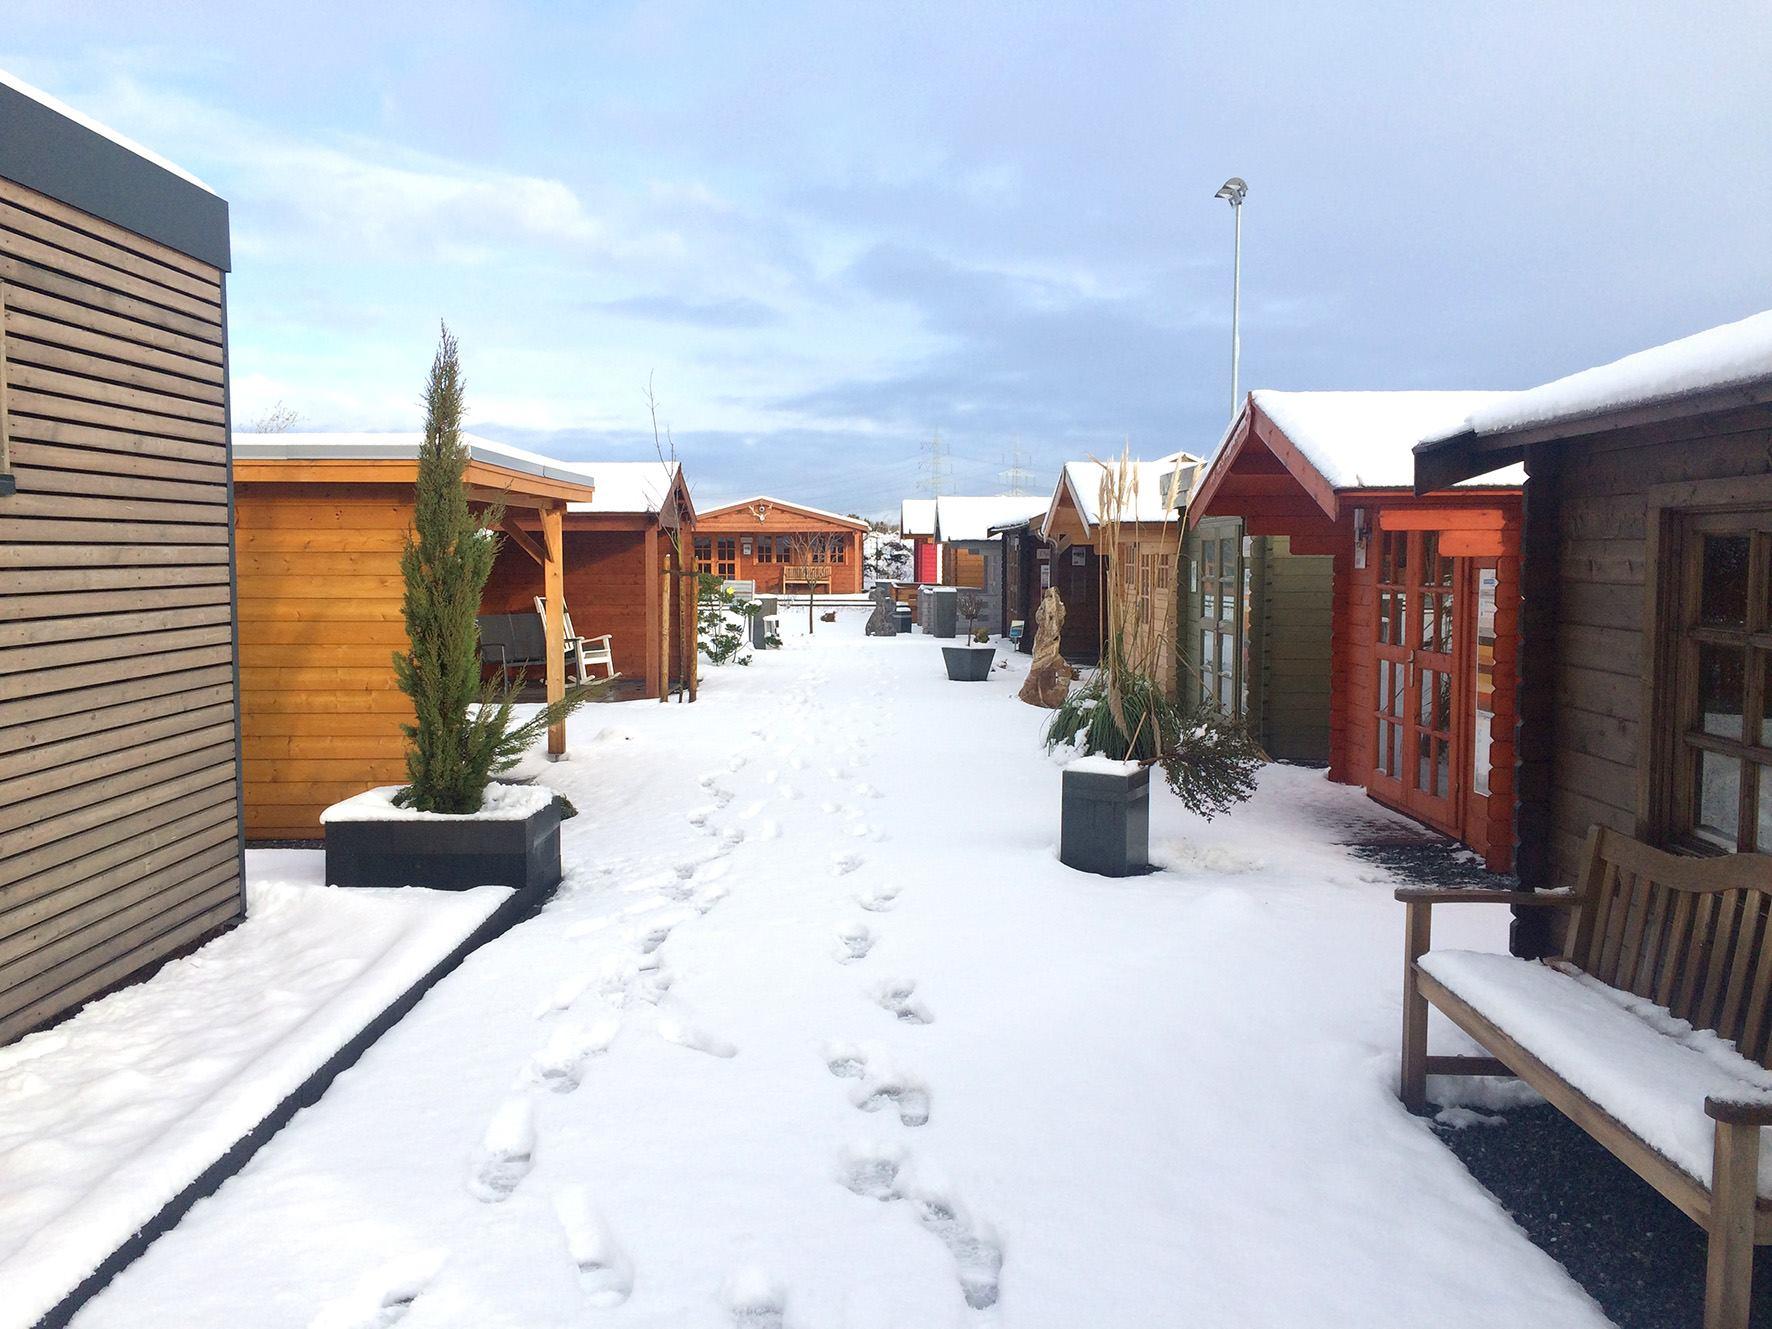 Gartenmobel Im Winter Draussen Stehen Lassen Das Mussen Sie